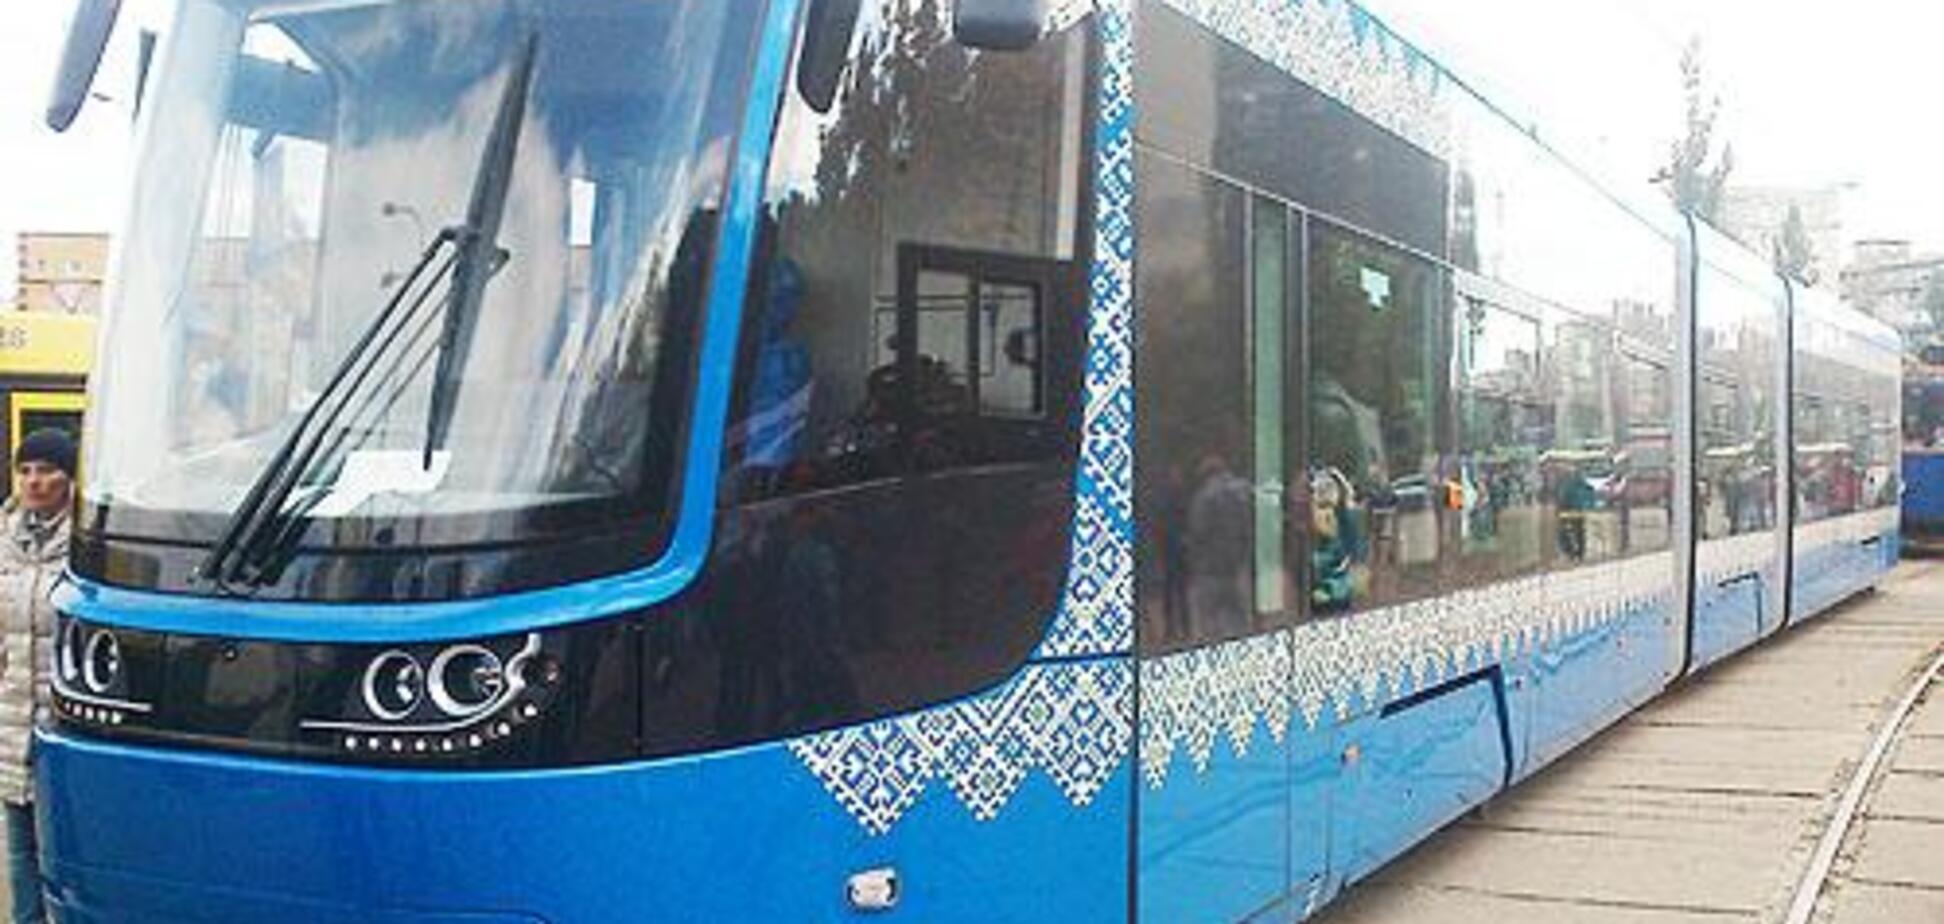 Київ закупить нові трамваї та автобуси